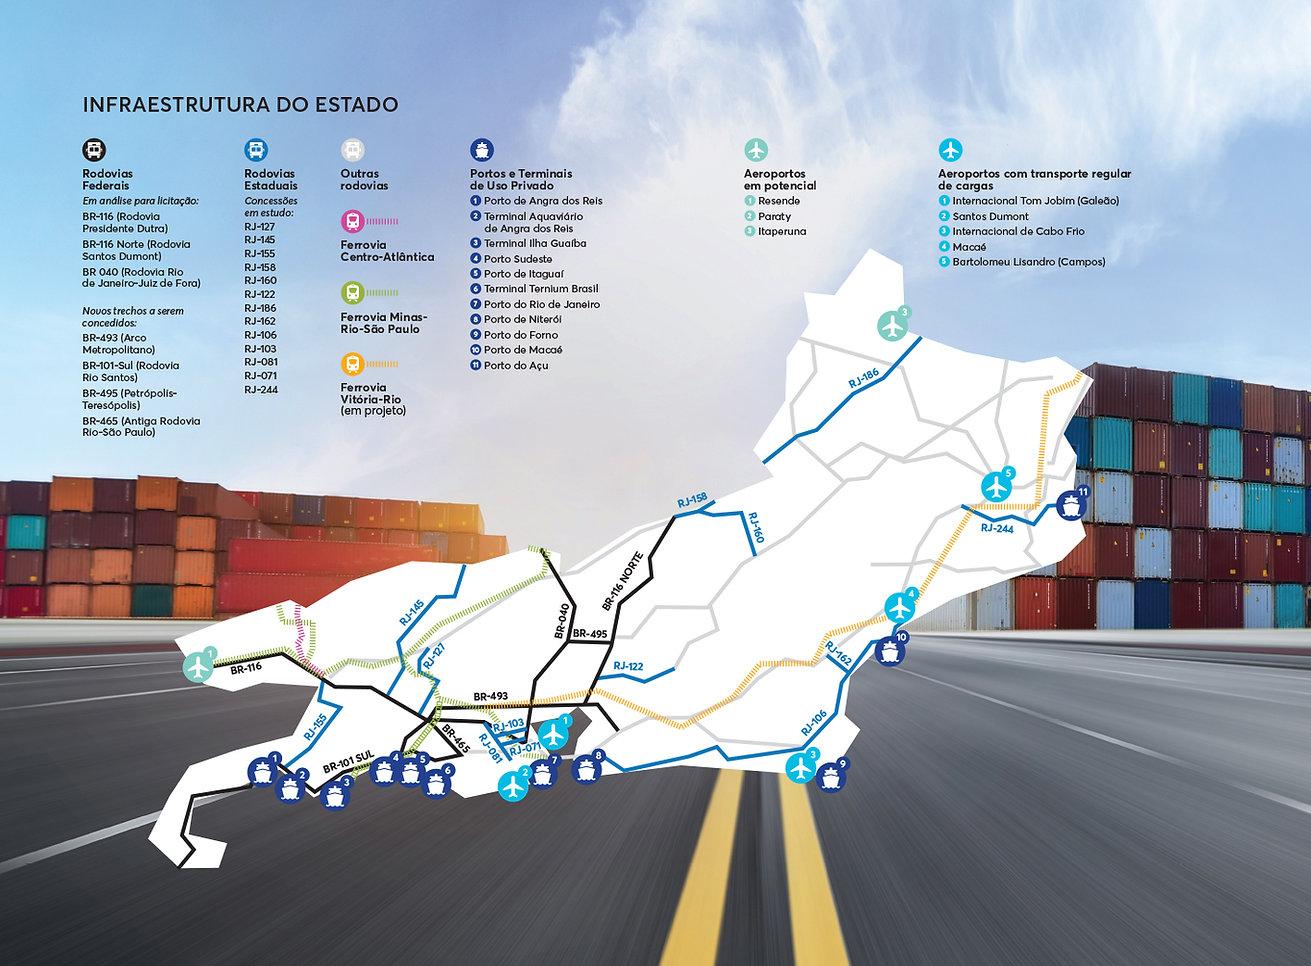 Mapa Infraestrutura.jpg